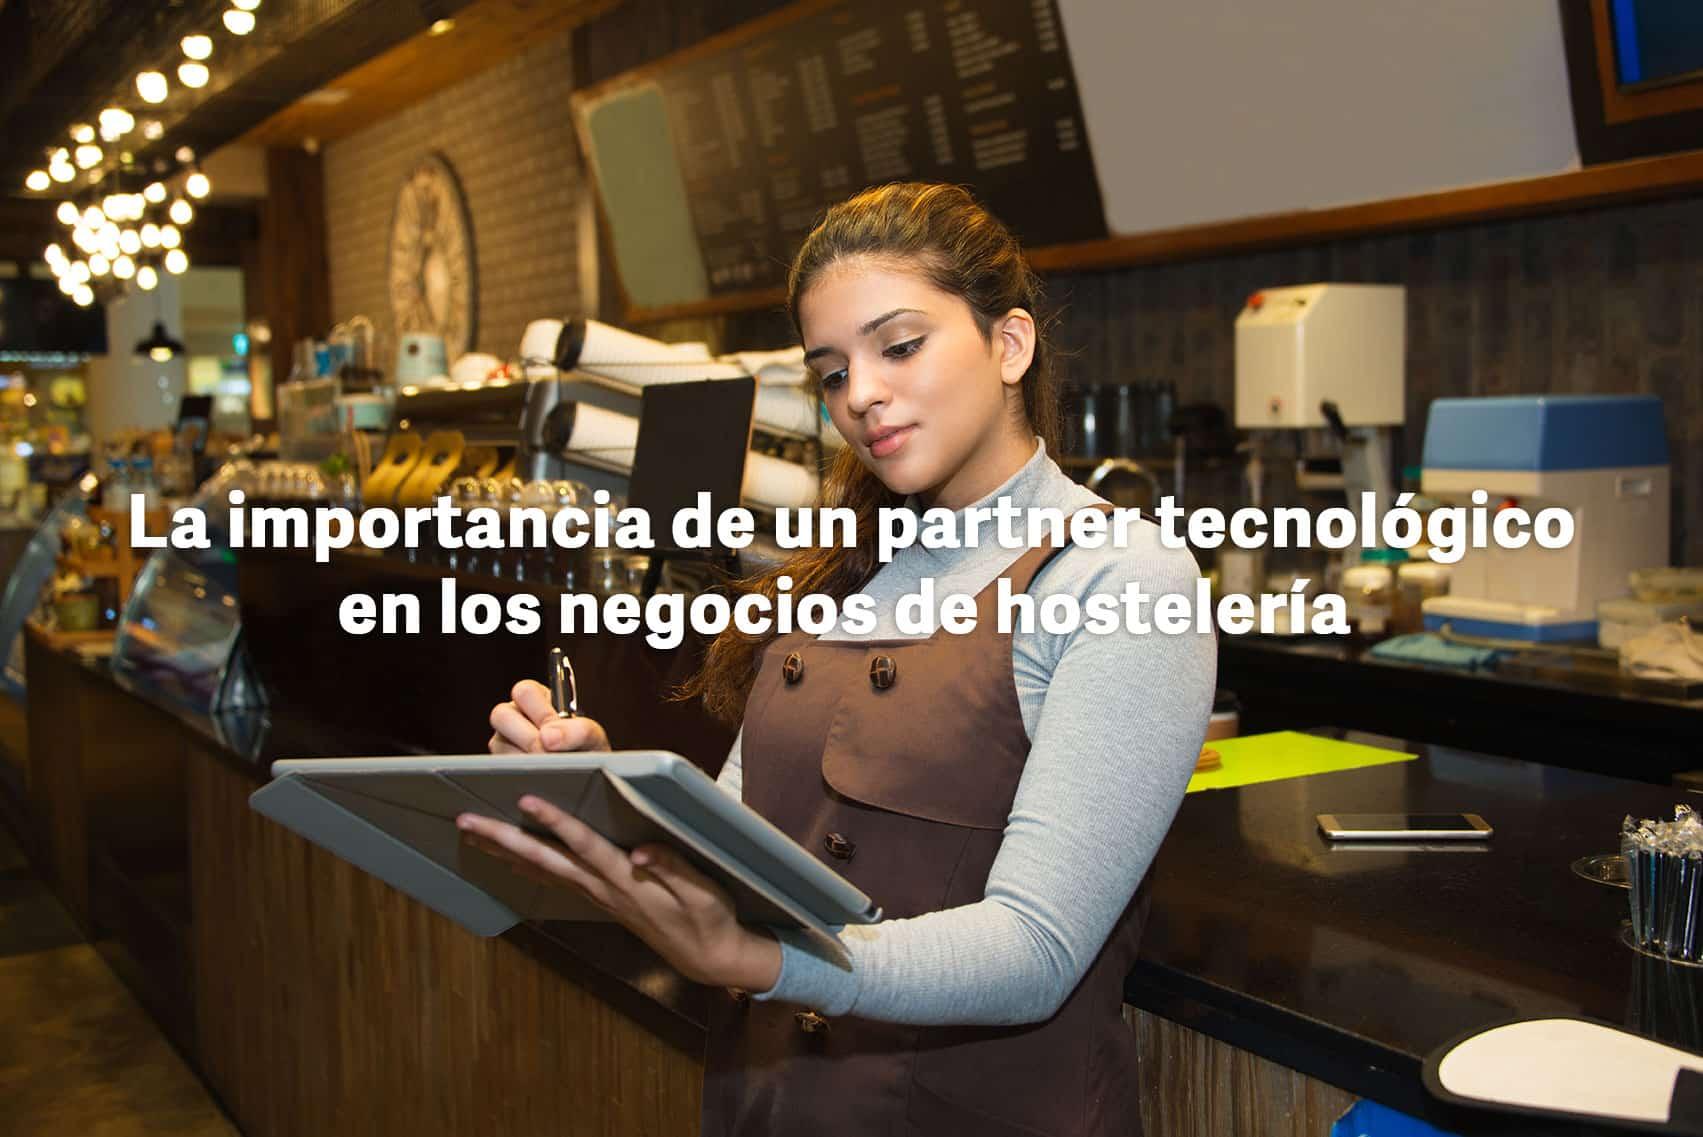 La importancia de un partner tecnológico en los negocios de hostelería